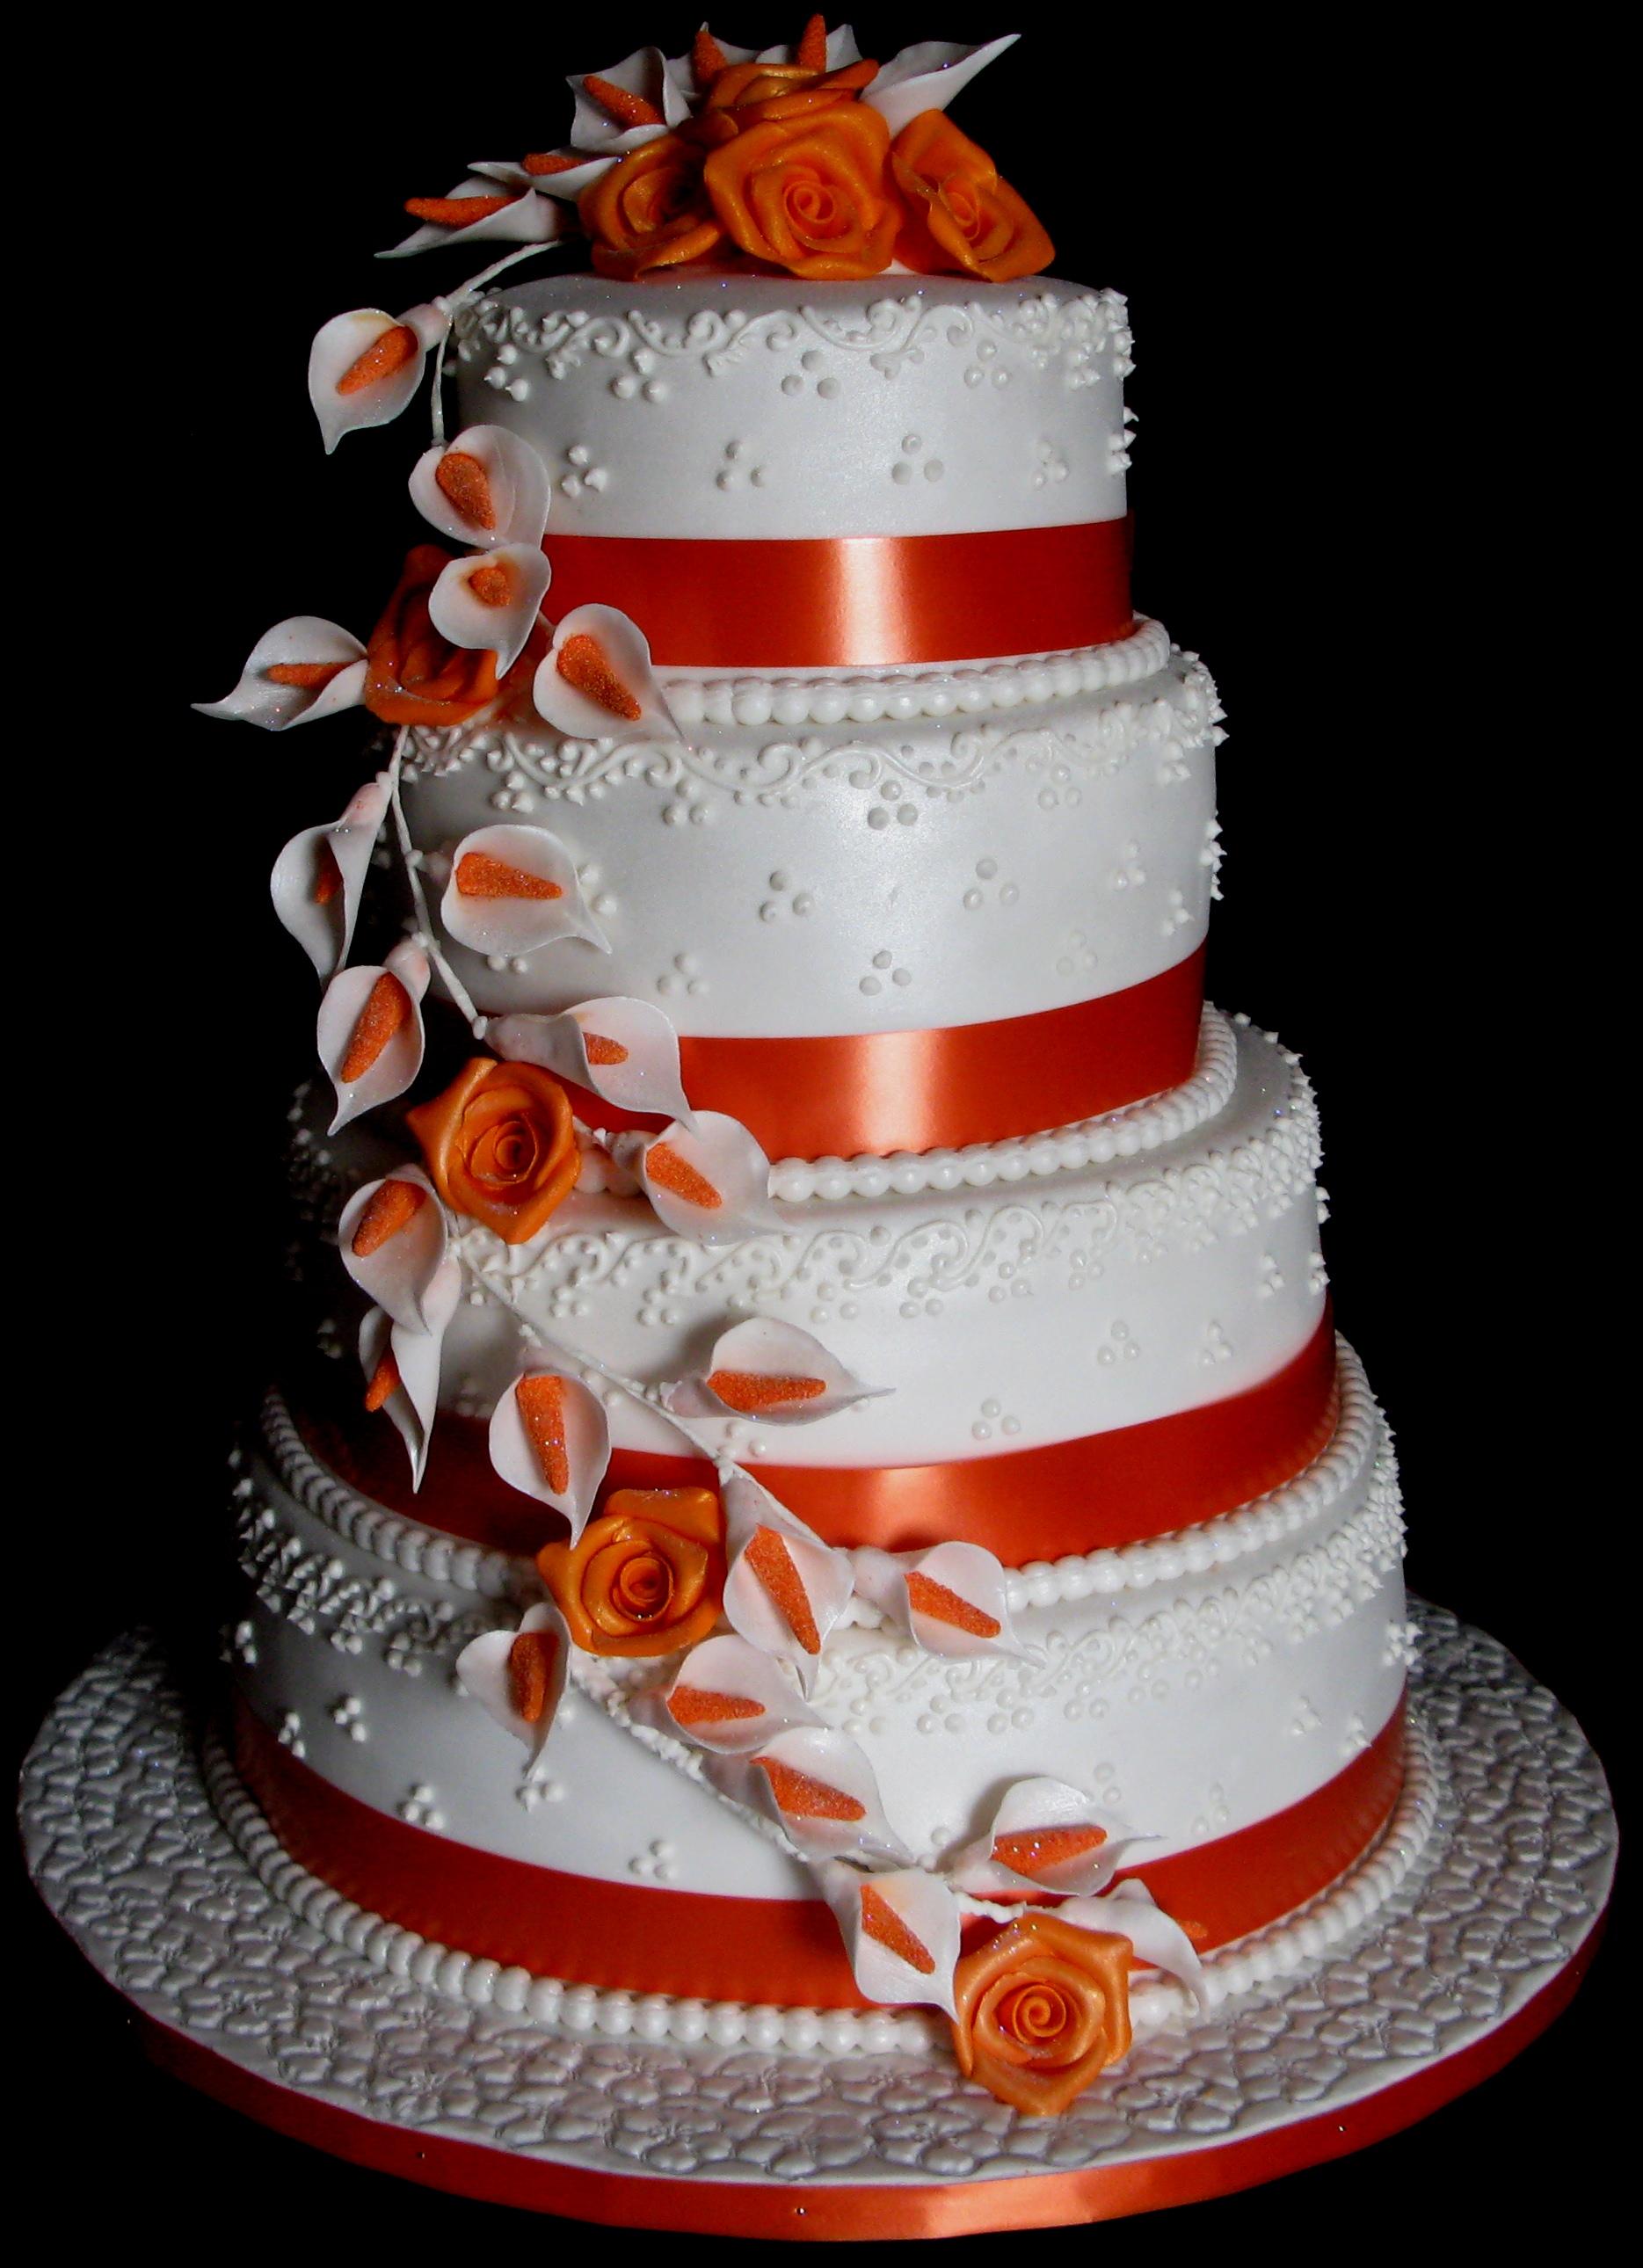 Four Birthday Cakes